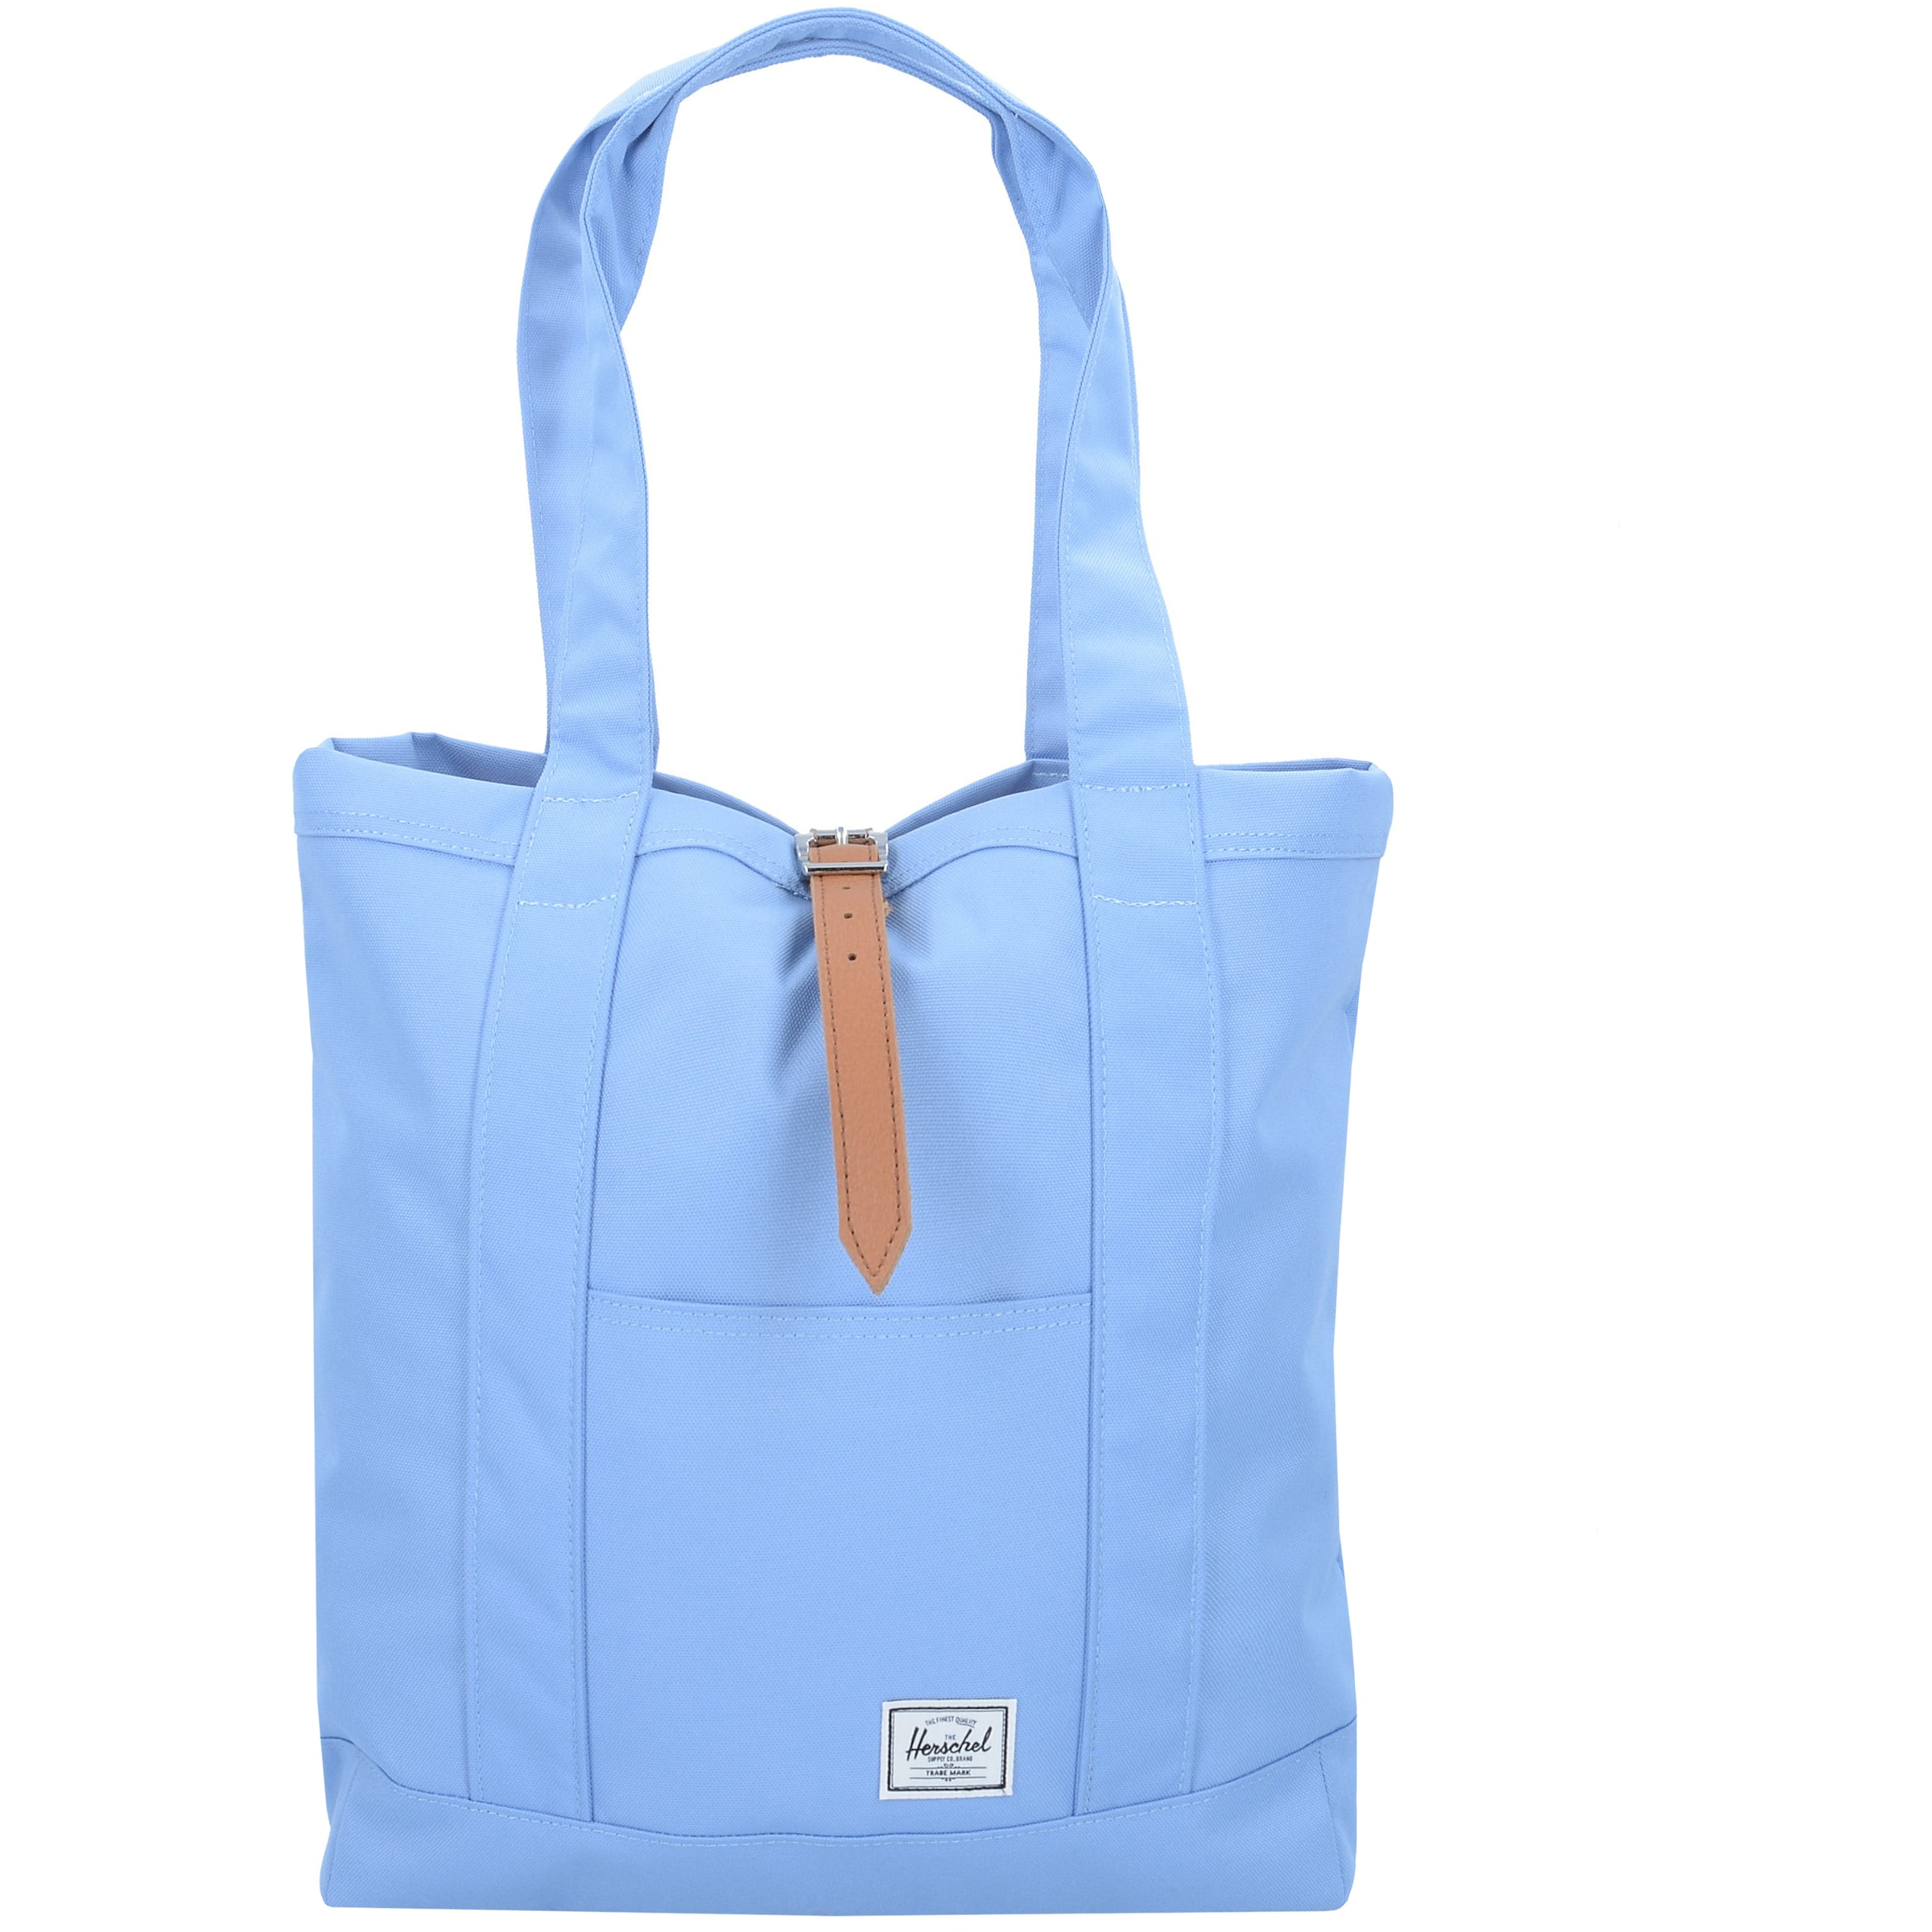 Herschel MARKET Handtasche Freies Verschiffen Neue Ankunft Exklusive Verkauf Online Verkauf Heißen Verkauf LH9CKEppR